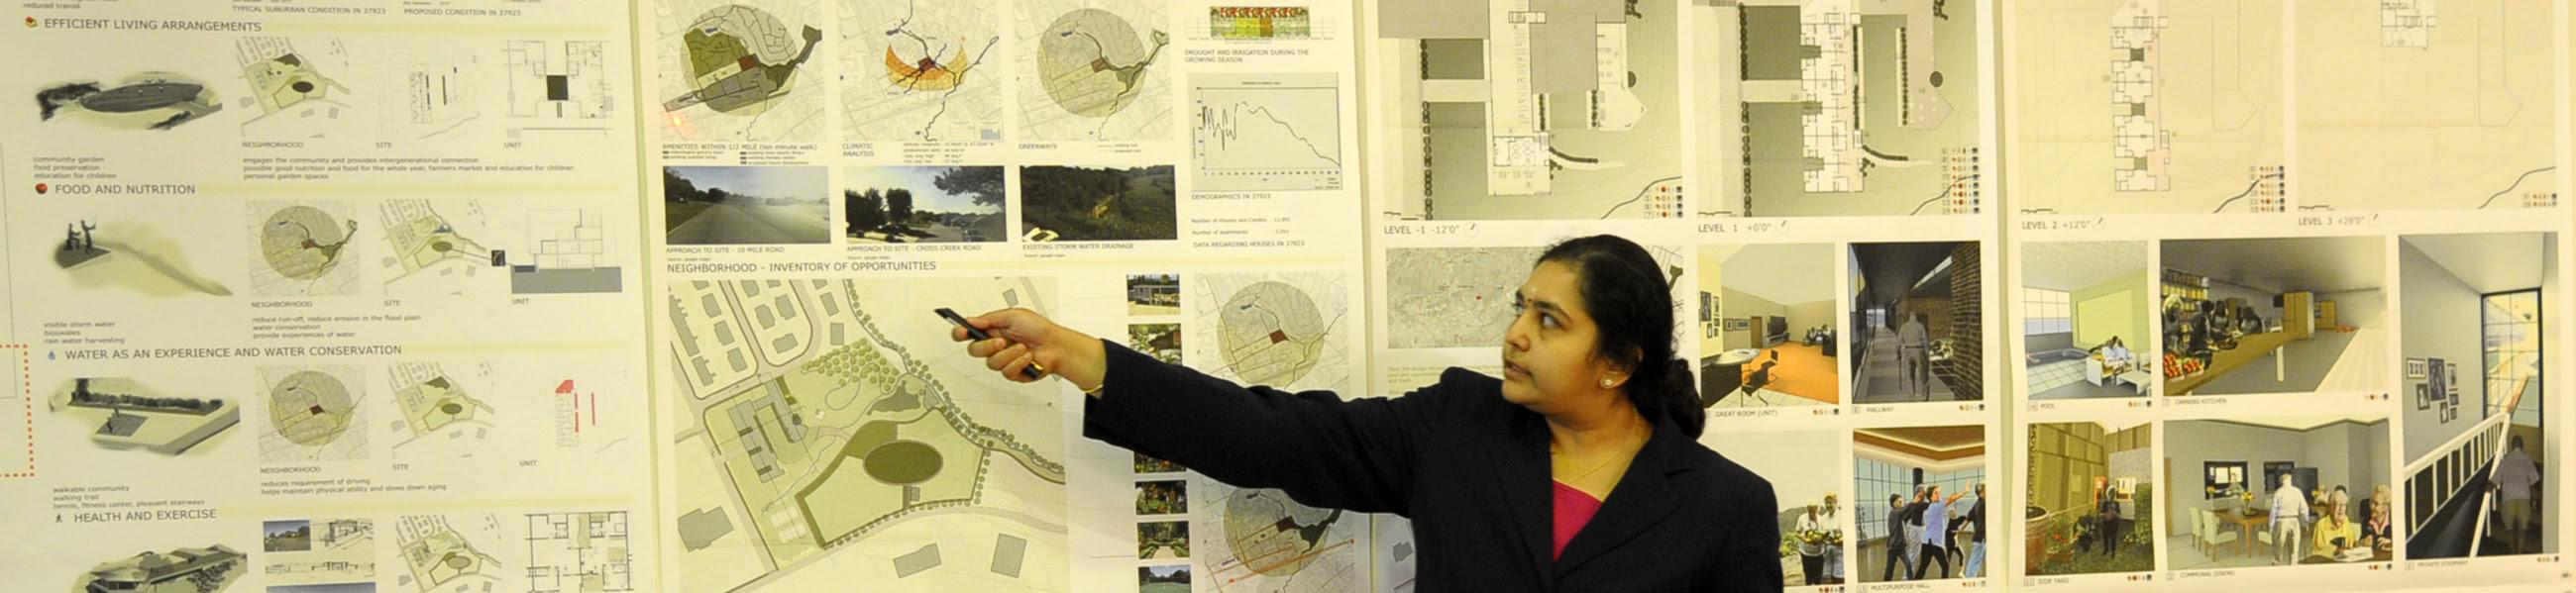 courses in Architecture, Landscape Architecture and Interior Design